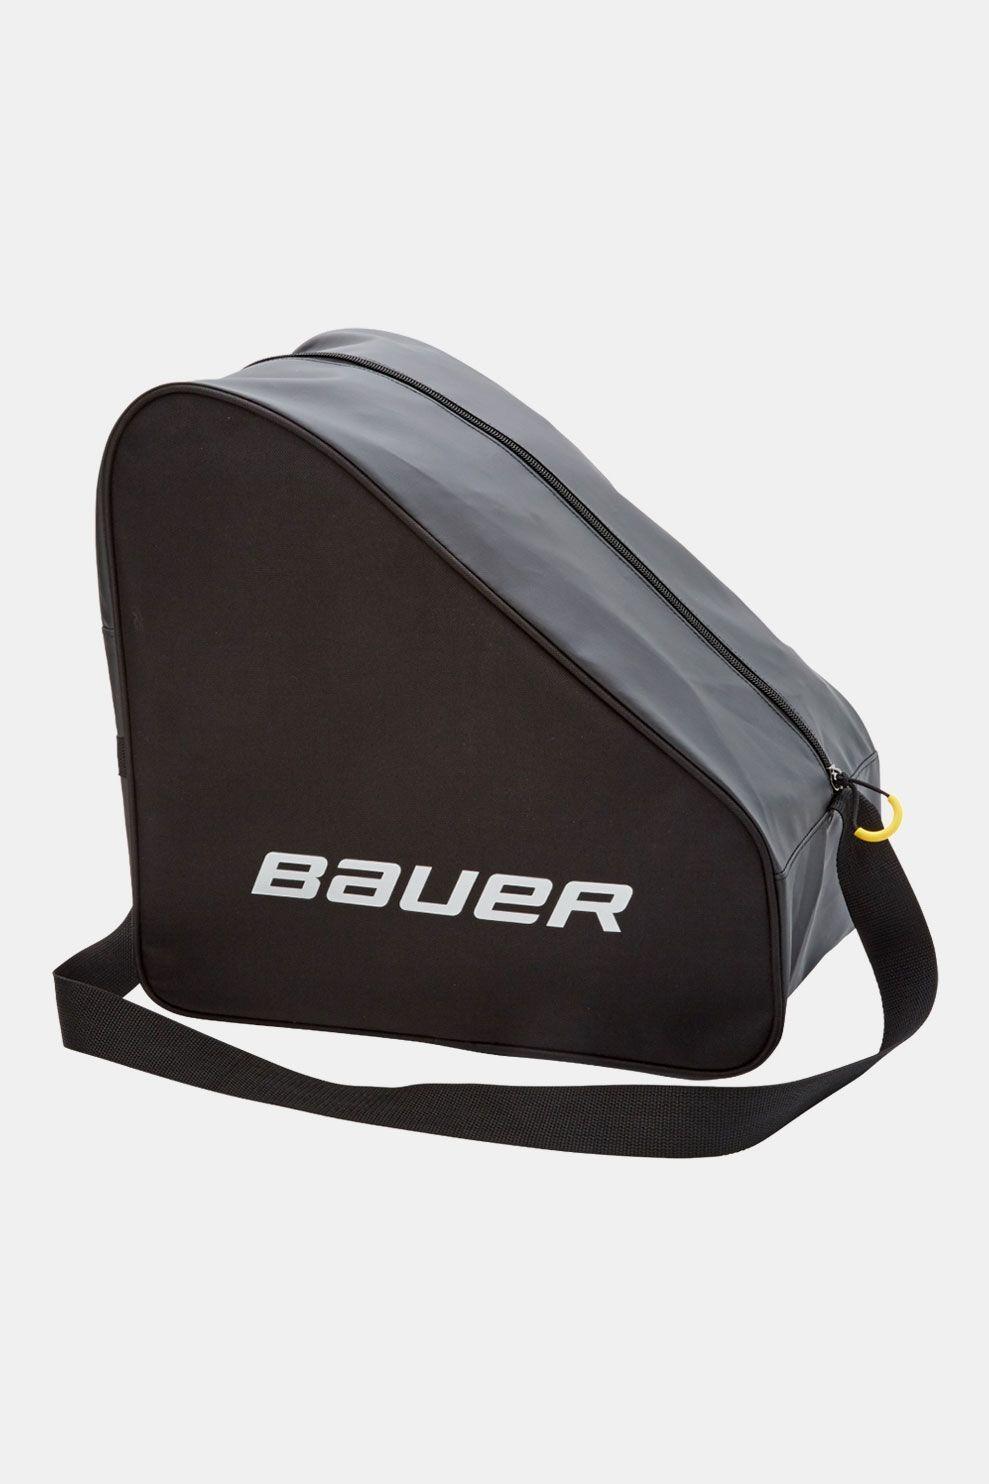 Bauer Skate Bag / Schaatstas Zwart